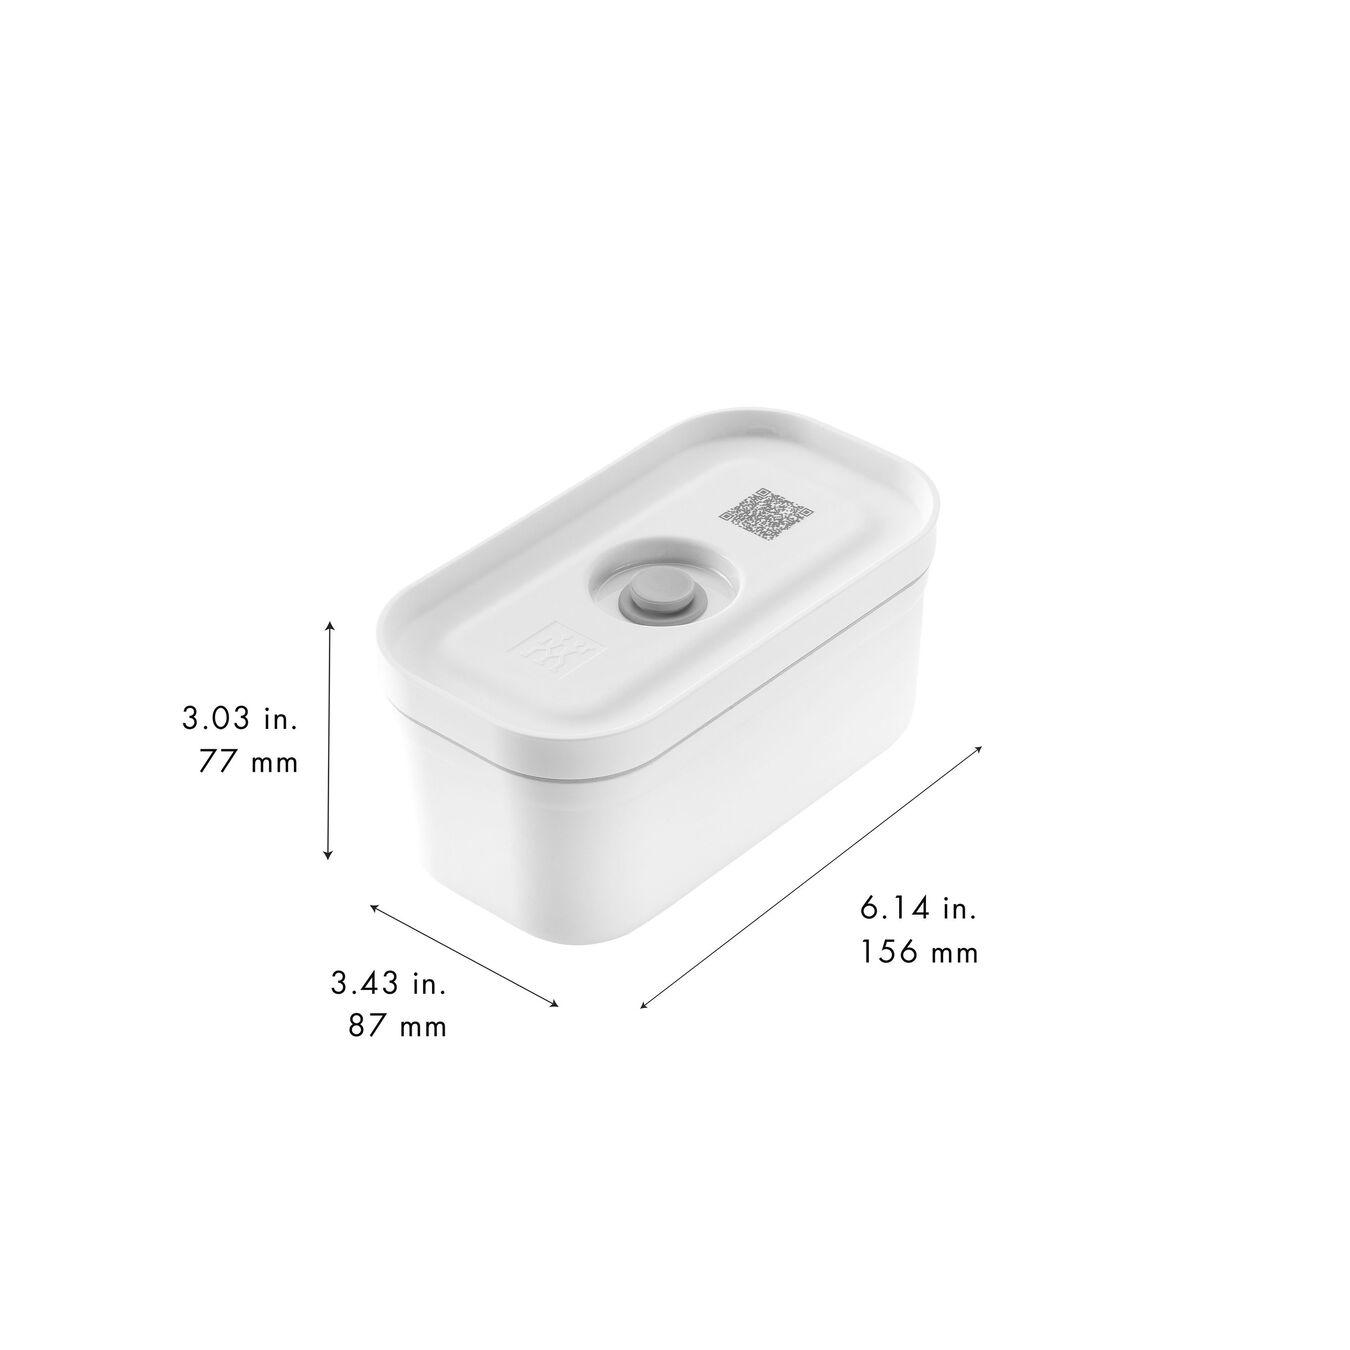 Vakuum madkasser, S - Plastik - Hvid-Grå,,large 11